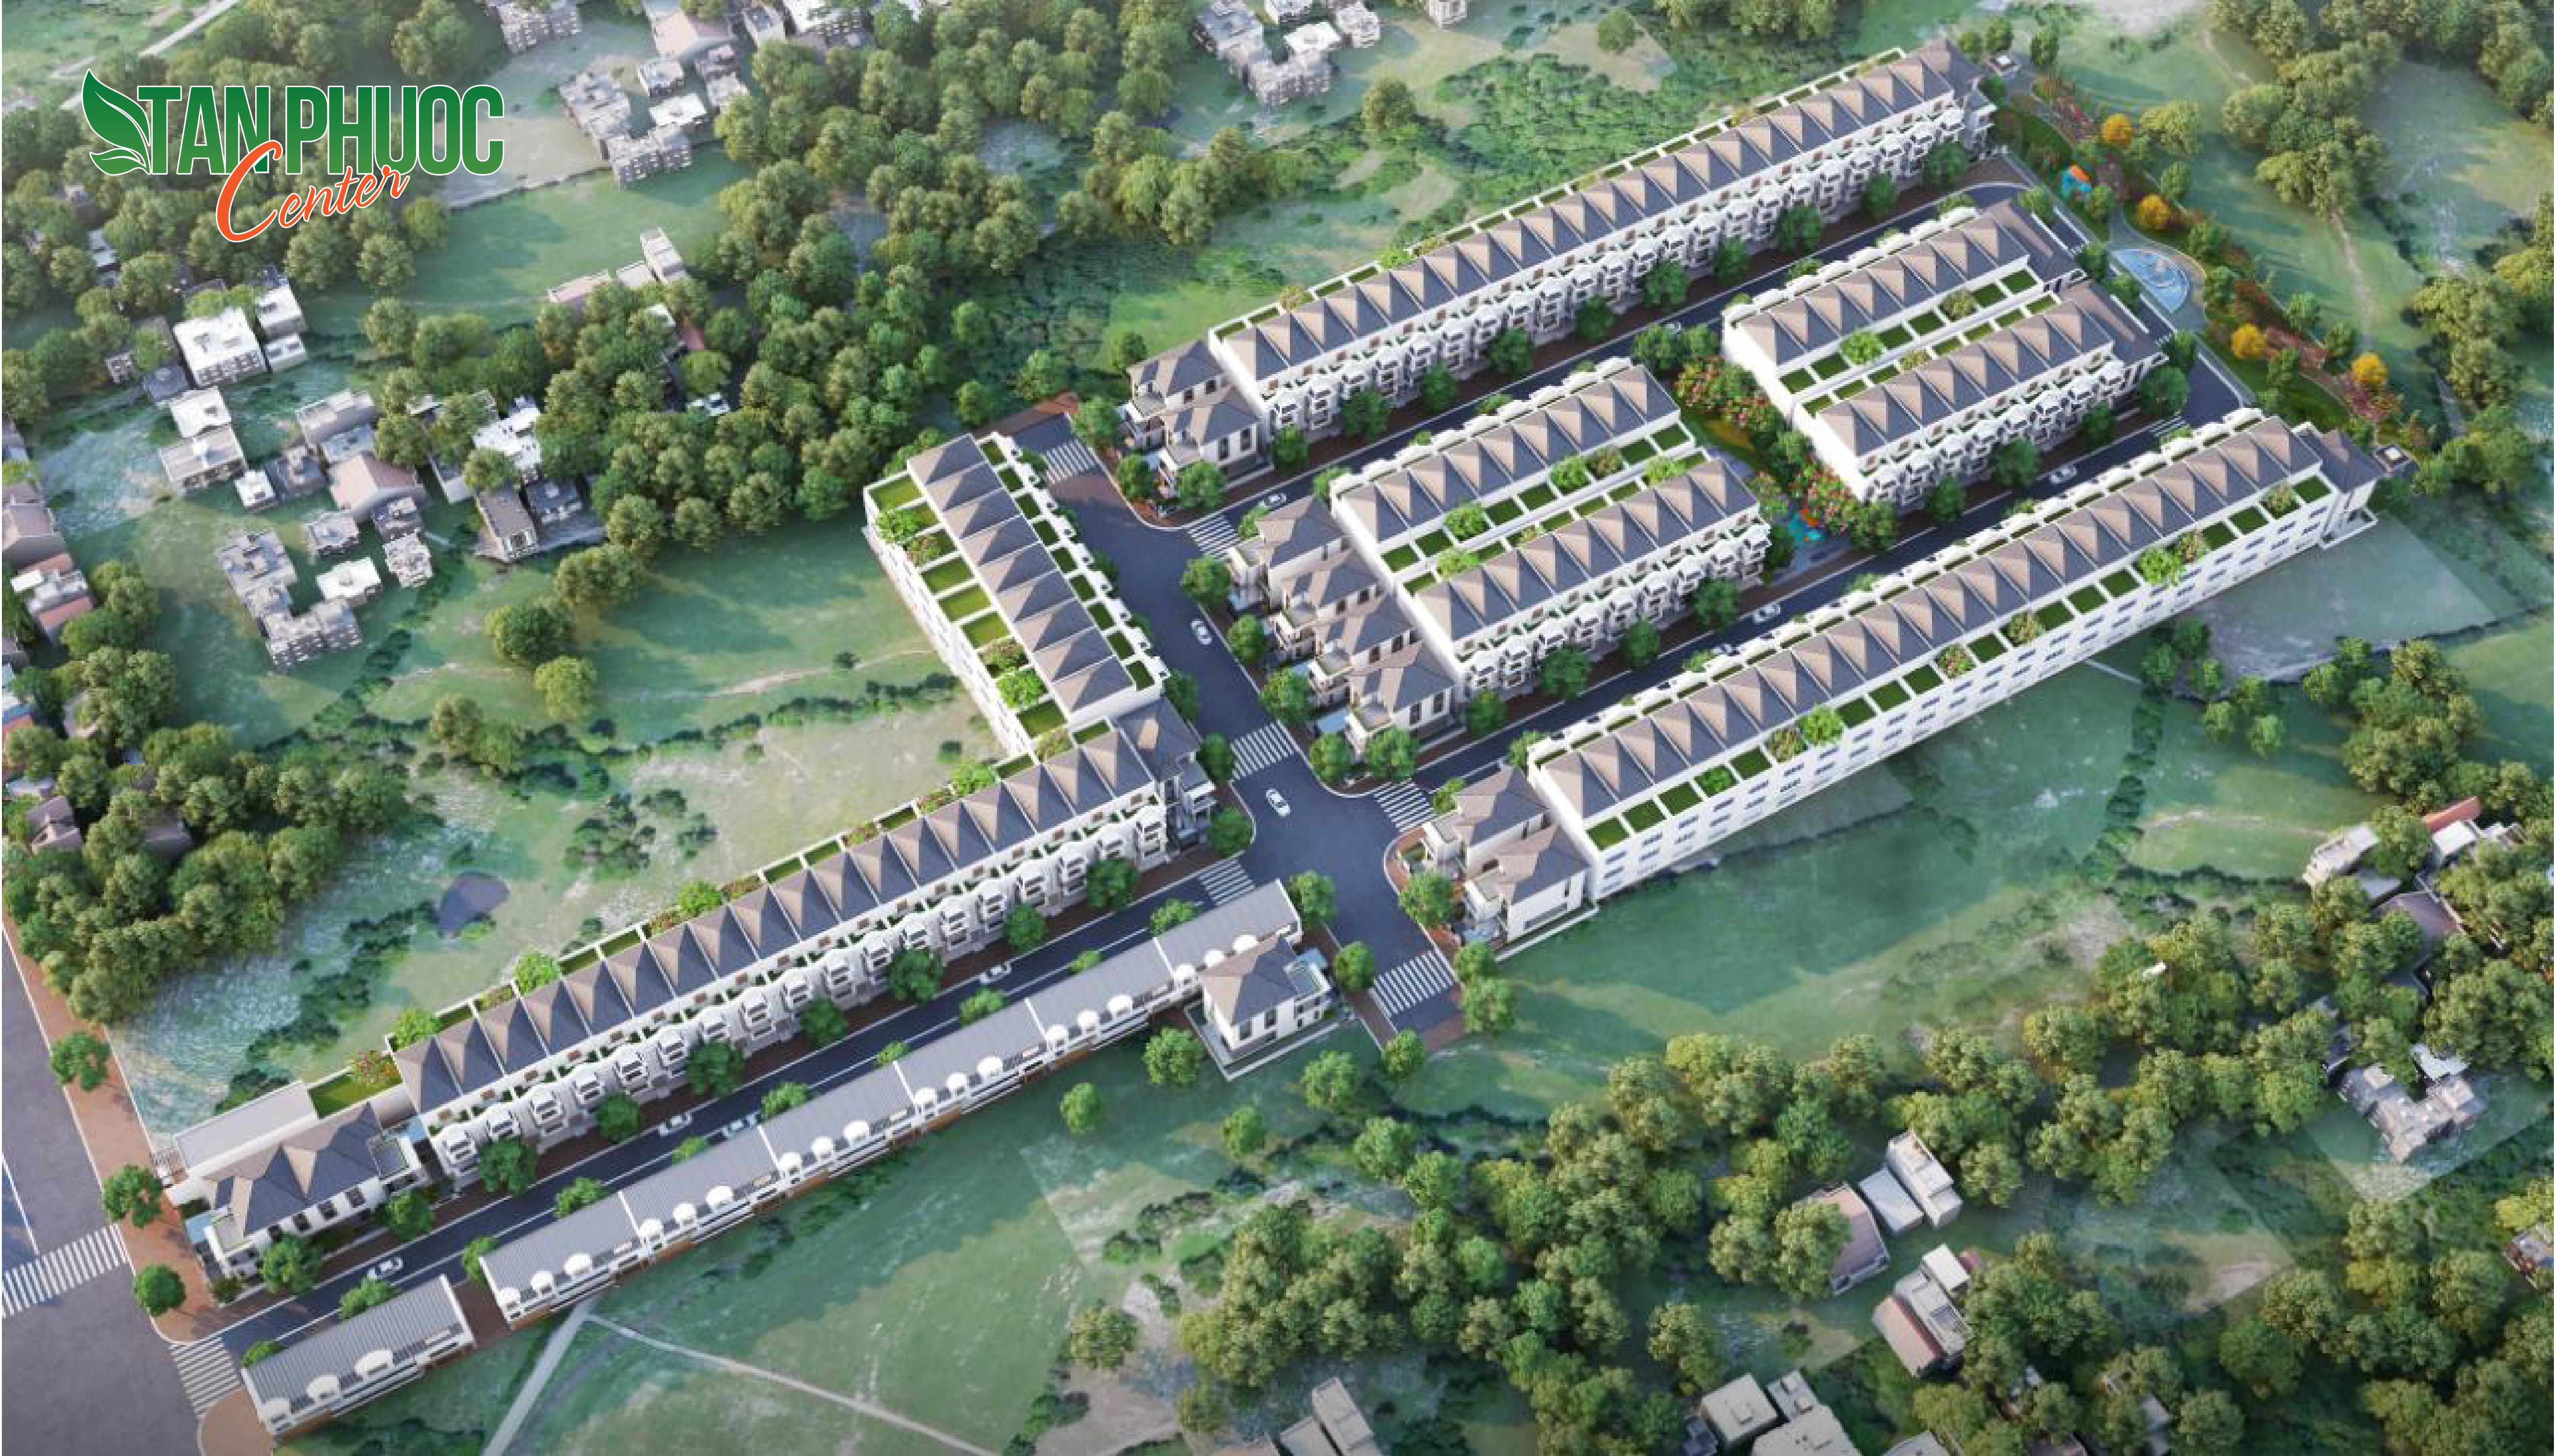 Tân Phước Center Đất Xanh – Đất Nền Sổ Đỏ Khu Dân Cư Kiểu Mẫu